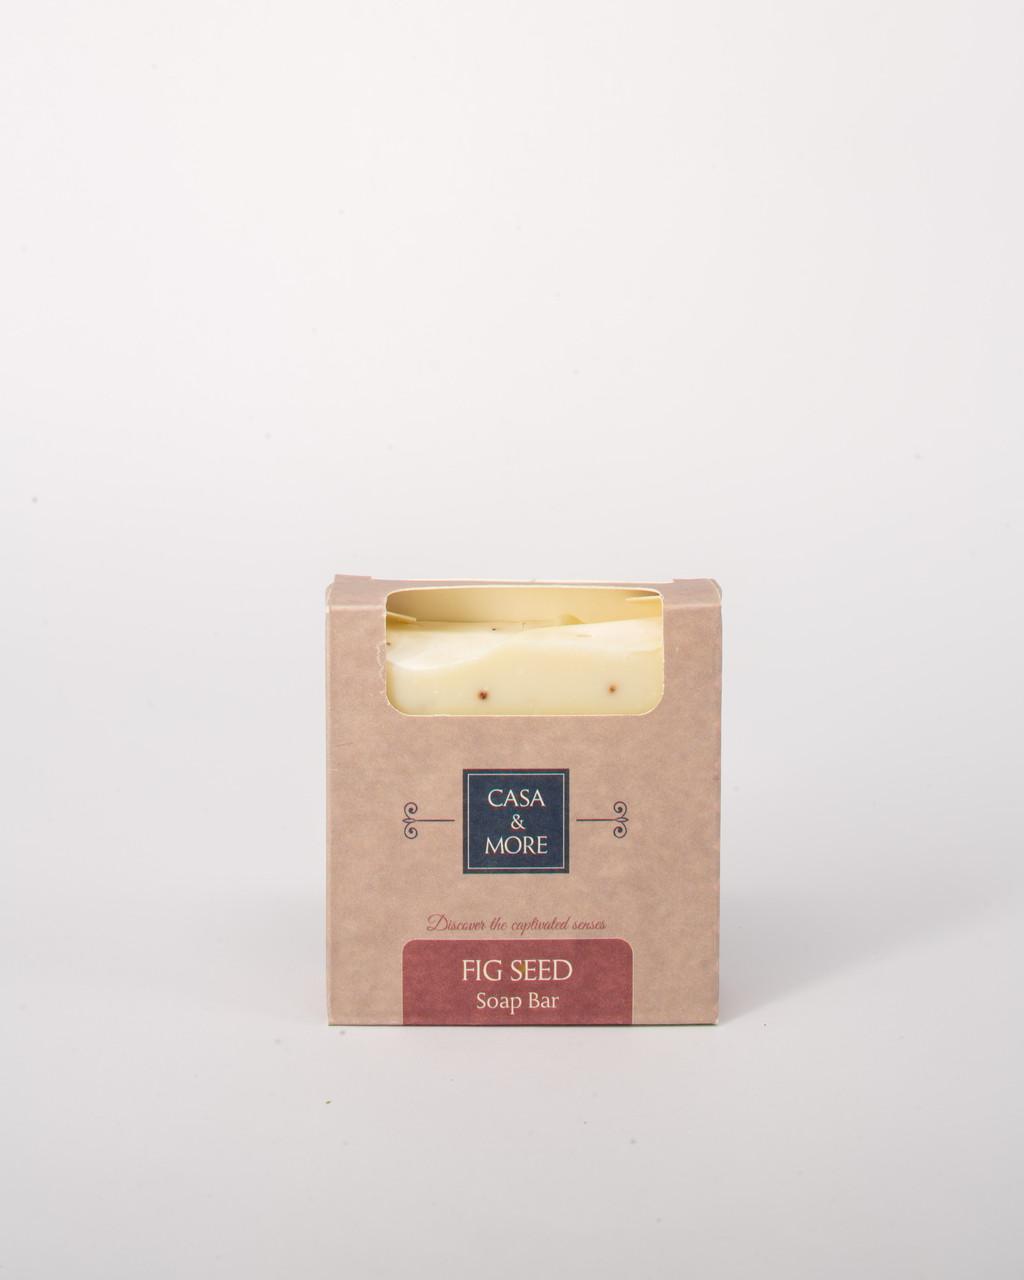 Натуральное мыло - FIG SEED